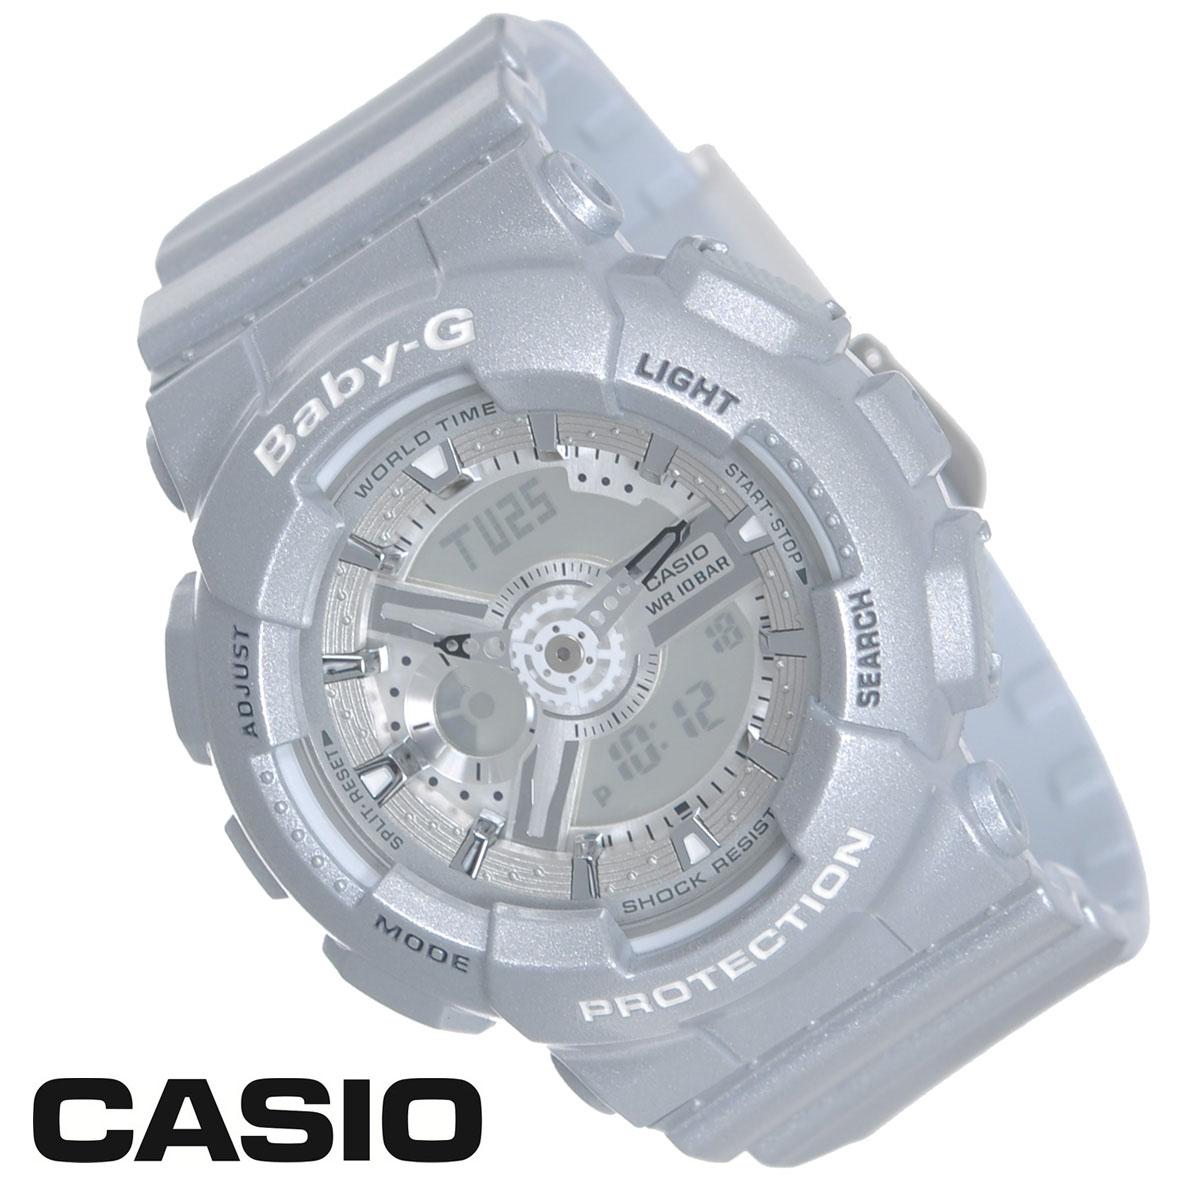 Часы женские наручные Casio Baby-G, цвет: серебристый. CASIO BA-110-8ABA-110-8AСтильные многофункциональные часы Baby-G от японского брэнда Casio - это яркий функциональный аксессуар для современных людей, которые стремятся выделиться из толпы и подчеркнуть свою индивидуальность. Часы выполнены в спортивном стиле. Часы оснащены японским кварцевым механизмом. Часы имеют ударопрочную конструкцию, защищающую механизм от ударов и вибрации. Циферблат с безельными протекторами оснащен двумя стрелками и подсвечивается светодиодом. Ремешок из мягкого пластика застегивается на классическую застежку. Основные функции: - 5 будильников, один с функцией повтора сигнала (чтобы отложить пробуждение), ежечасный сигнал; - сплит-хронограф; - автоматический календарь (число, месяц, день недели, год); - секундомер с точностью показаний 1/100 с, время измерения 24 ч; - 12-ти и 24-х часовой формат времени; - таймер обратного отсчета от 1 мин до 24 ч; - функция включения/отключения звука; - мировое время. Часы...